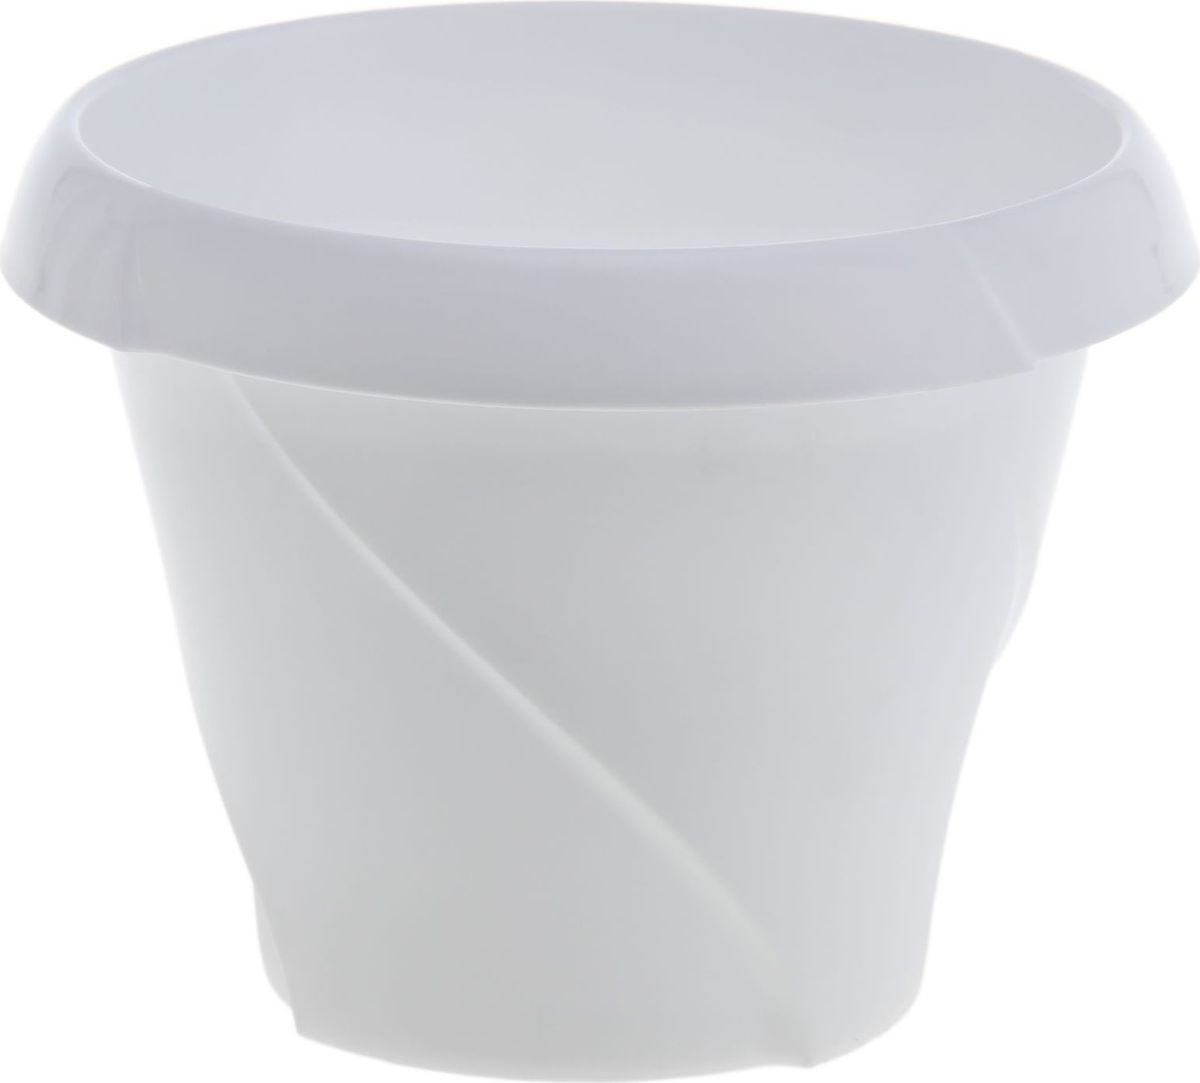 Кашпо Martika Флориана, цвет: белый, 0,3 л1355430Любой, даже самый современный и продуманный интерьер будет не завершённым без растений. Они не только очищают воздух и насыщают его кислородом, но и заметно украшают окружающее пространство. Такому полезному &laquo члену семьи&raquoпросто необходимо красивое и функциональное кашпо, оригинальный горшок или необычная ваза! Мы предлагаем - Кашпо 300 мл Флориана, d=10 см, цвет белый!Оптимальный выбор материала &mdash &nbsp пластмасса! Почему мы так считаем? Малый вес. С лёгкостью переносите горшки и кашпо с места на место, ставьте их на столики или полки, подвешивайте под потолок, не беспокоясь о нагрузке. Простота ухода. Пластиковые изделия не нуждаются в специальных условиях хранения. Их&nbsp легко чистить &mdashдостаточно просто сполоснуть тёплой водой. Никаких царапин. Пластиковые кашпо не царапают и не загрязняют поверхности, на которых стоят. Пластик дольше хранит влагу, а значит &mdashрастение реже нуждается в поливе. Пластмасса не пропускает воздух &mdashкорневой системе растения не грозят резкие перепады температур. Огромный выбор форм, декора и расцветок &mdashвы без труда подберёте что-то, что идеально впишется в уже существующий интерьер.Соблюдая нехитрые правила ухода, вы можете заметно продлить срок службы горшков, вазонов и кашпо из пластика: всегда учитывайте размер кроны и корневой системы растения (при разрастании большое растение способно повредить маленький горшок)берегите изделие от воздействия прямых солнечных лучей, чтобы кашпо и горшки не выцветалидержите кашпо и горшки из пластика подальше от нагревающихся поверхностей.Создавайте прекрасные цветочные композиции, выращивайте рассаду или необычные растения, а низкие цены позволят вам не ограничивать себя в выборе.